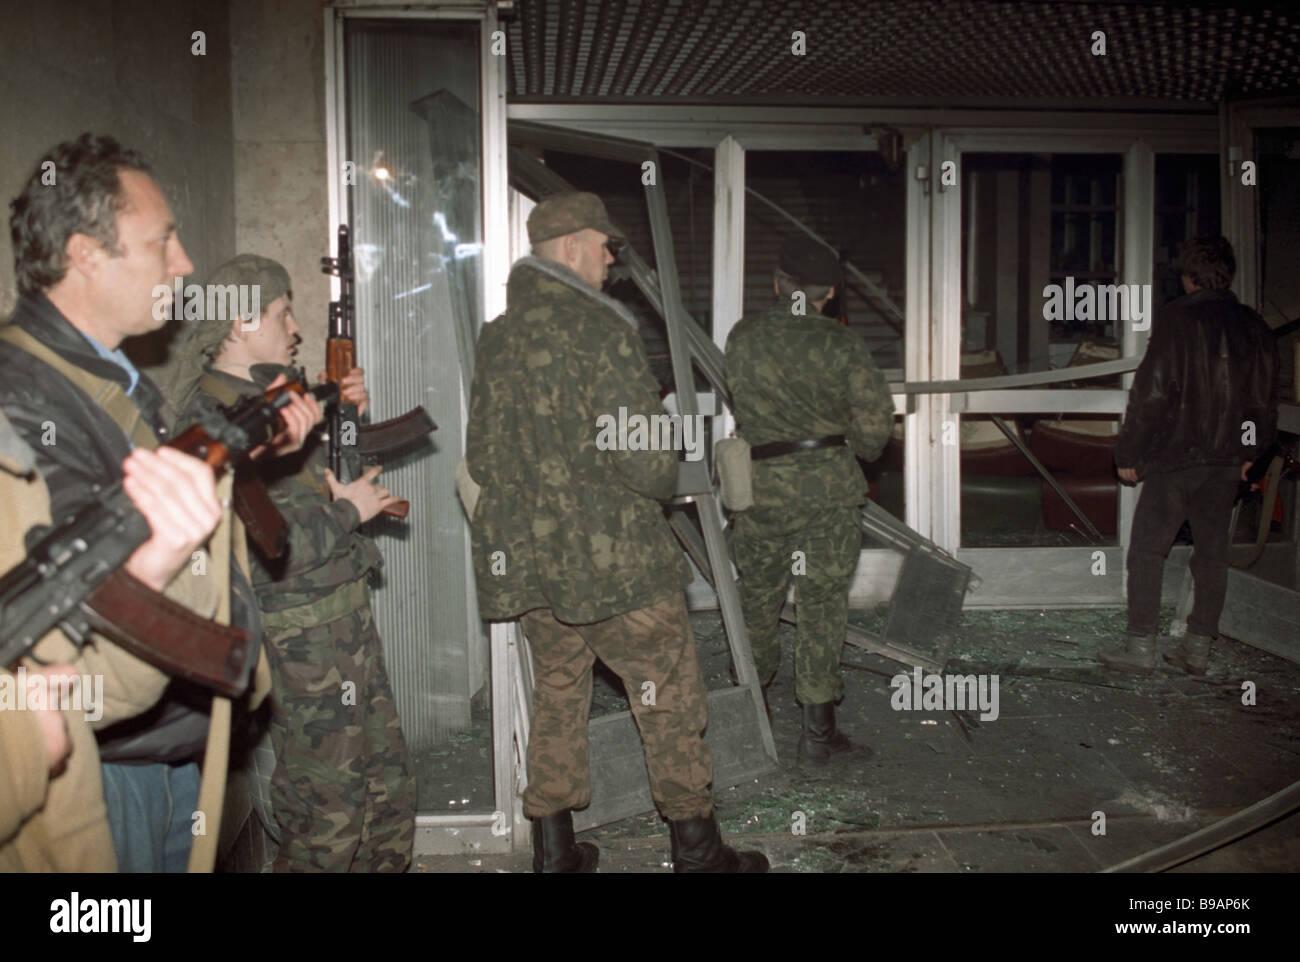 Estremi armati storm Kuskovo centro TV Immagini Stock